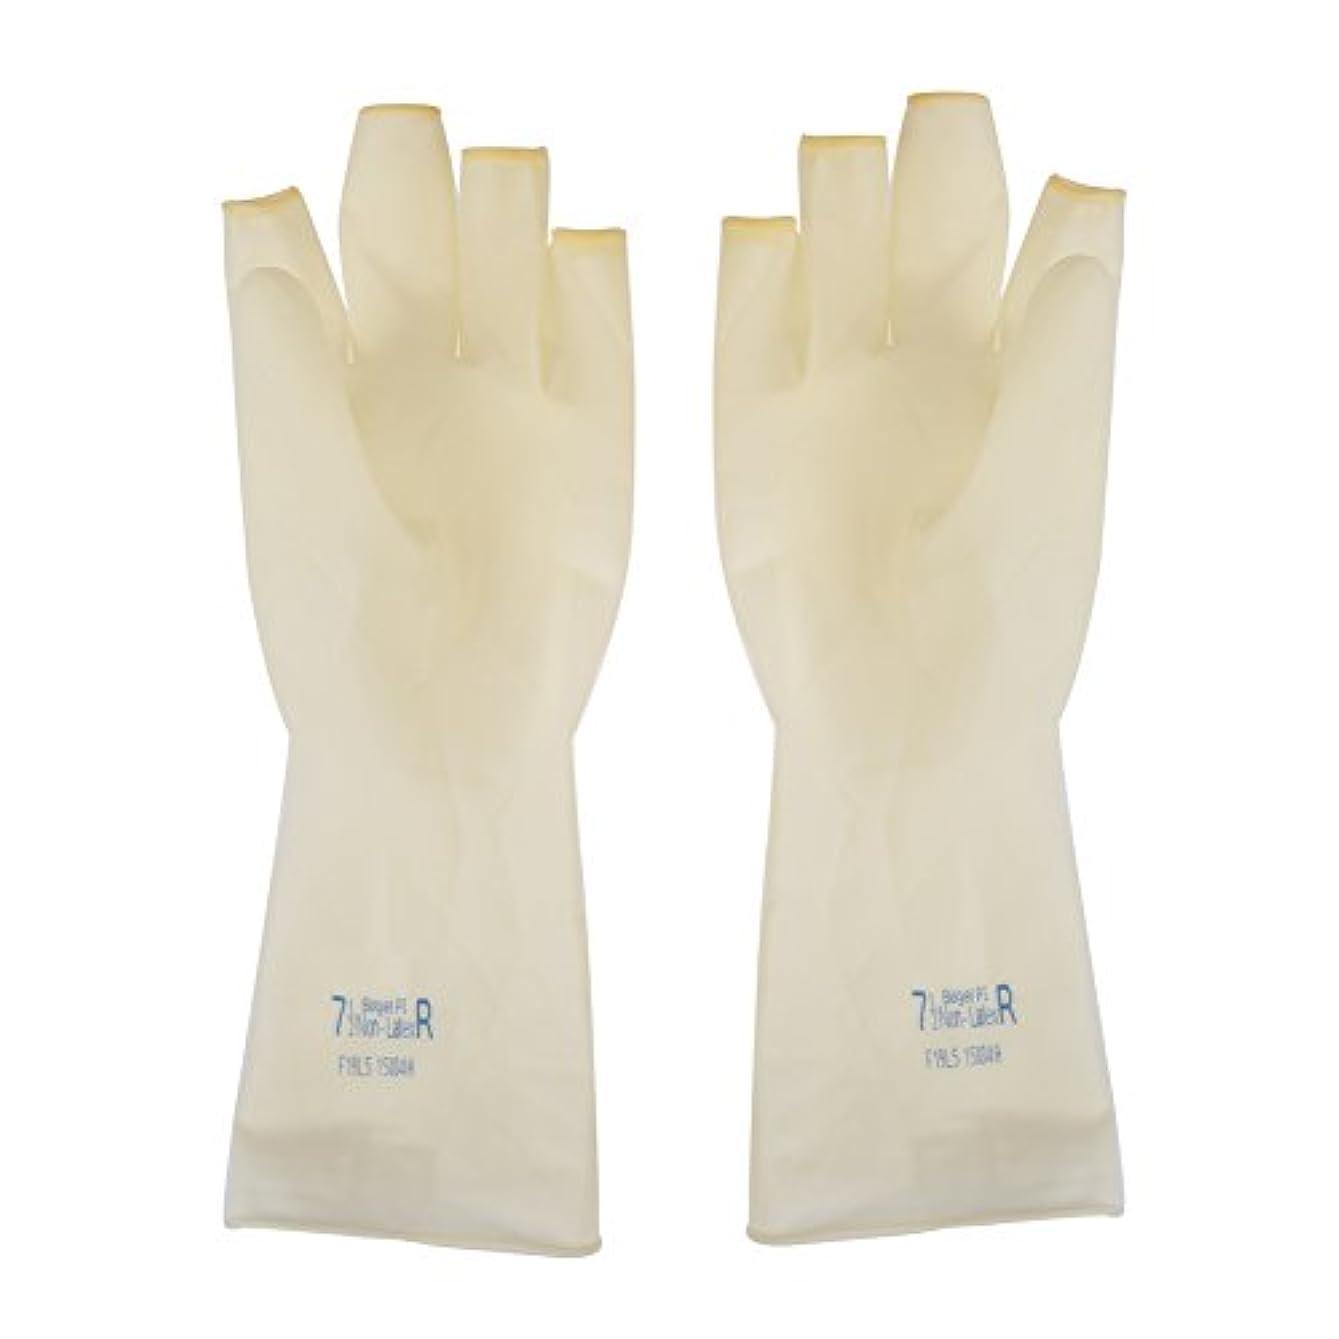 修道院ステップ本物のAEdiea 1ペア ゴム手袋   毛染め手袋 使い捨て 弾性 伸縮性 ヘアサロン サロンツール (M)